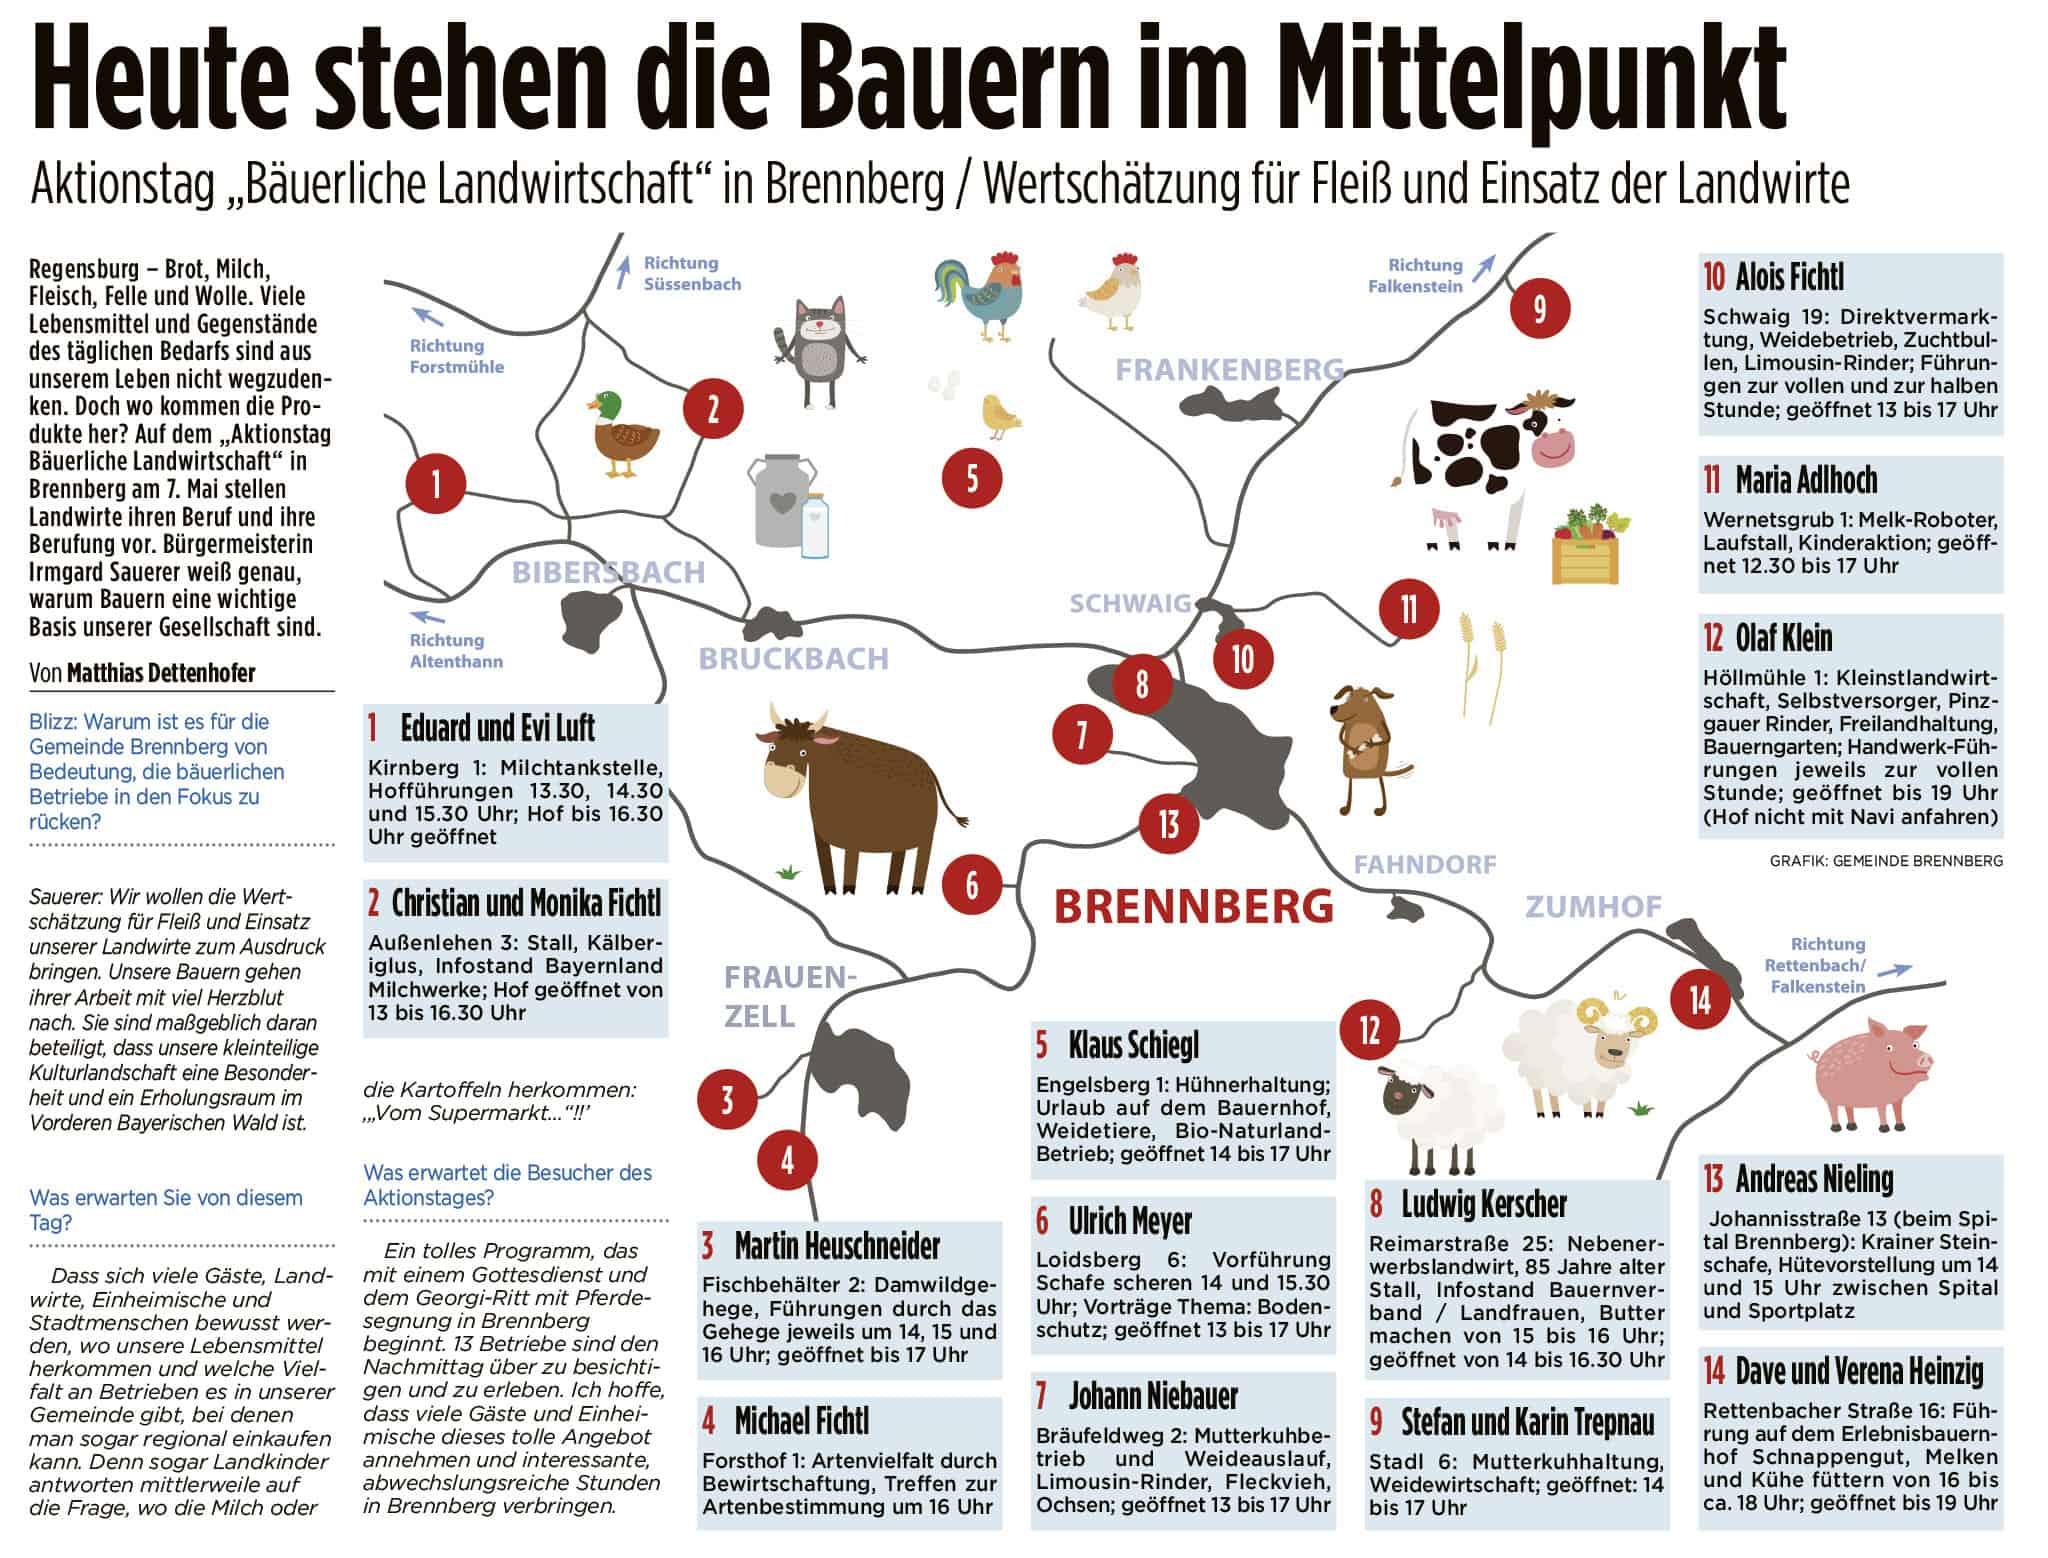 Aktionstag Bäuerliche Landwirtschaft in Brennberg am Sonntag